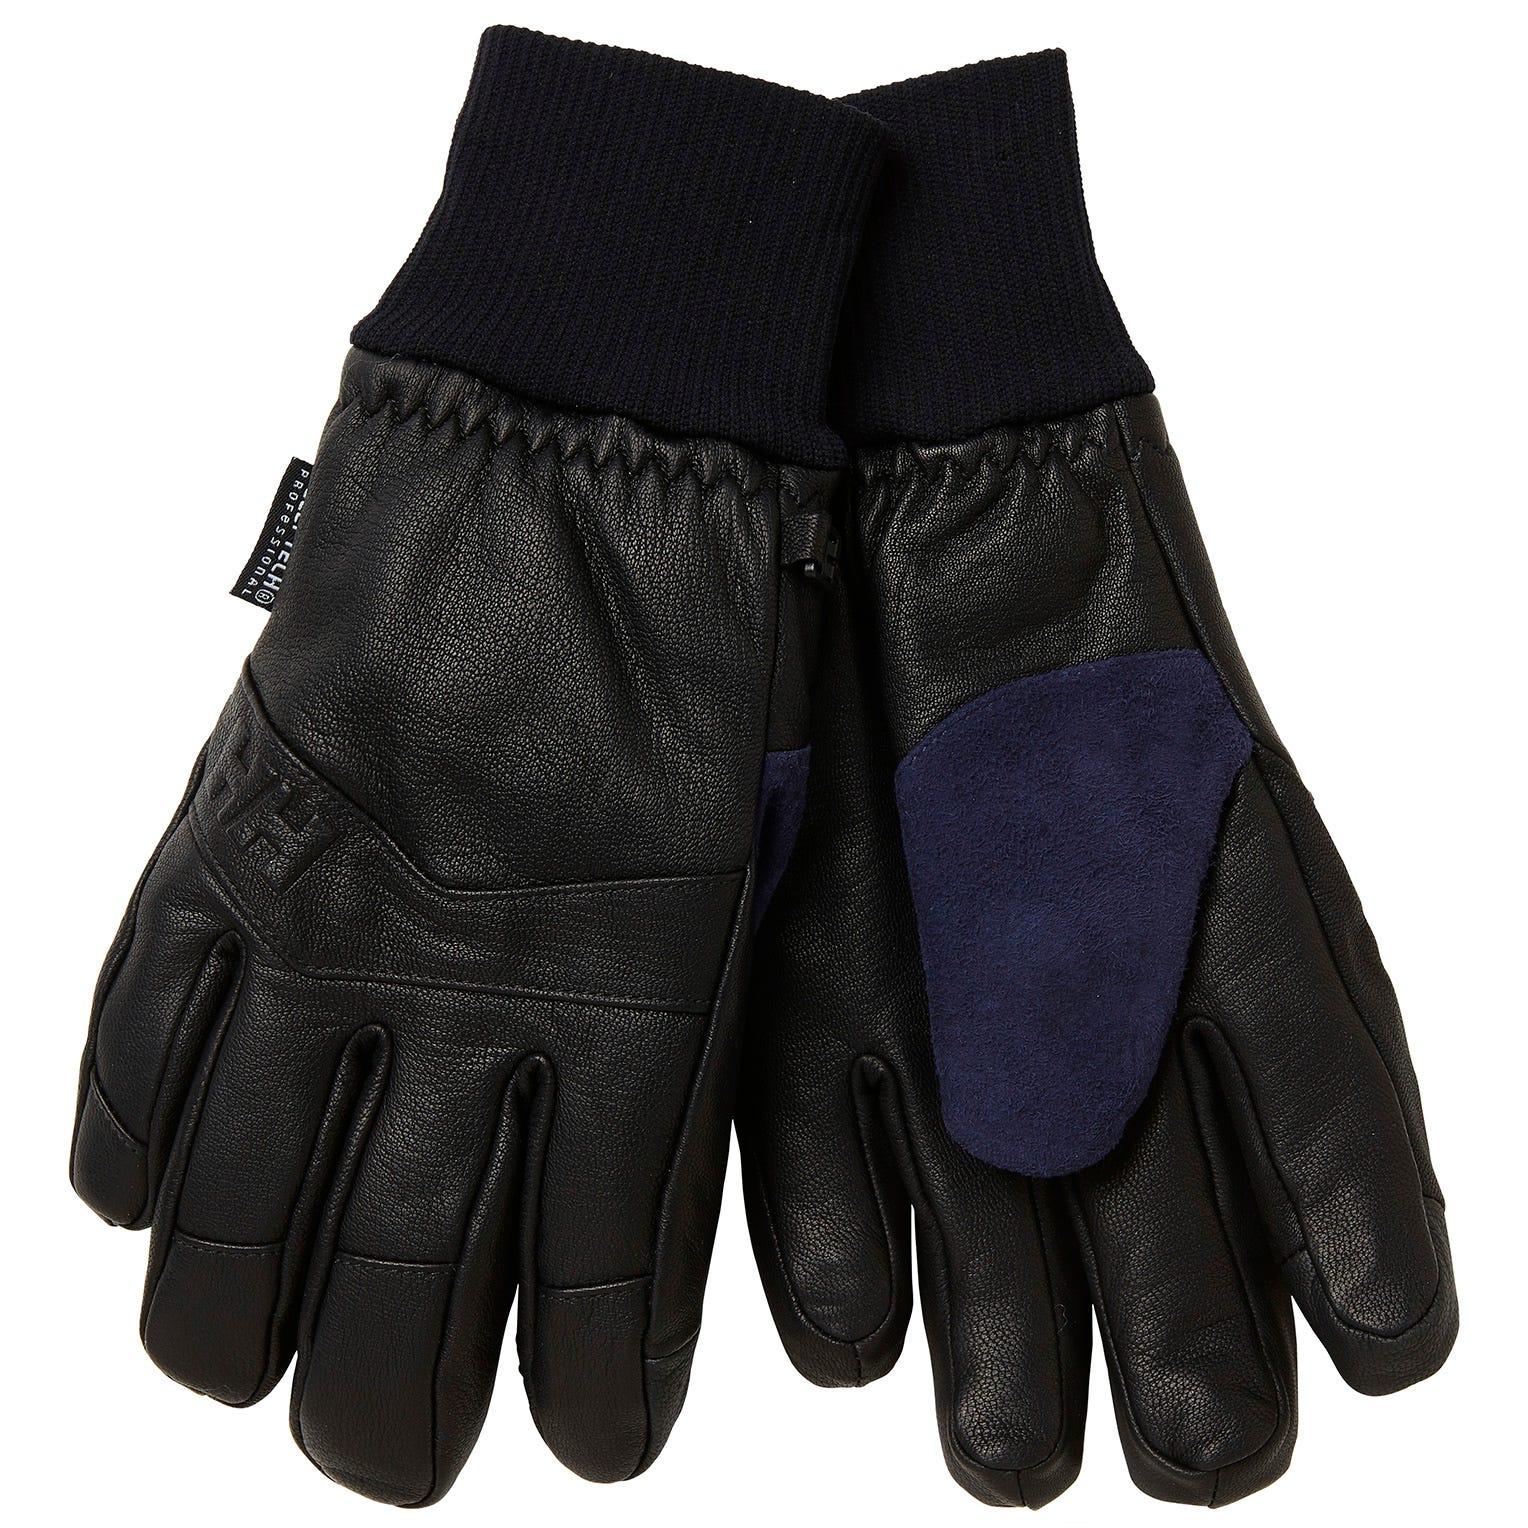 Helly Hansen Traverse Ht Glove Mens Black S